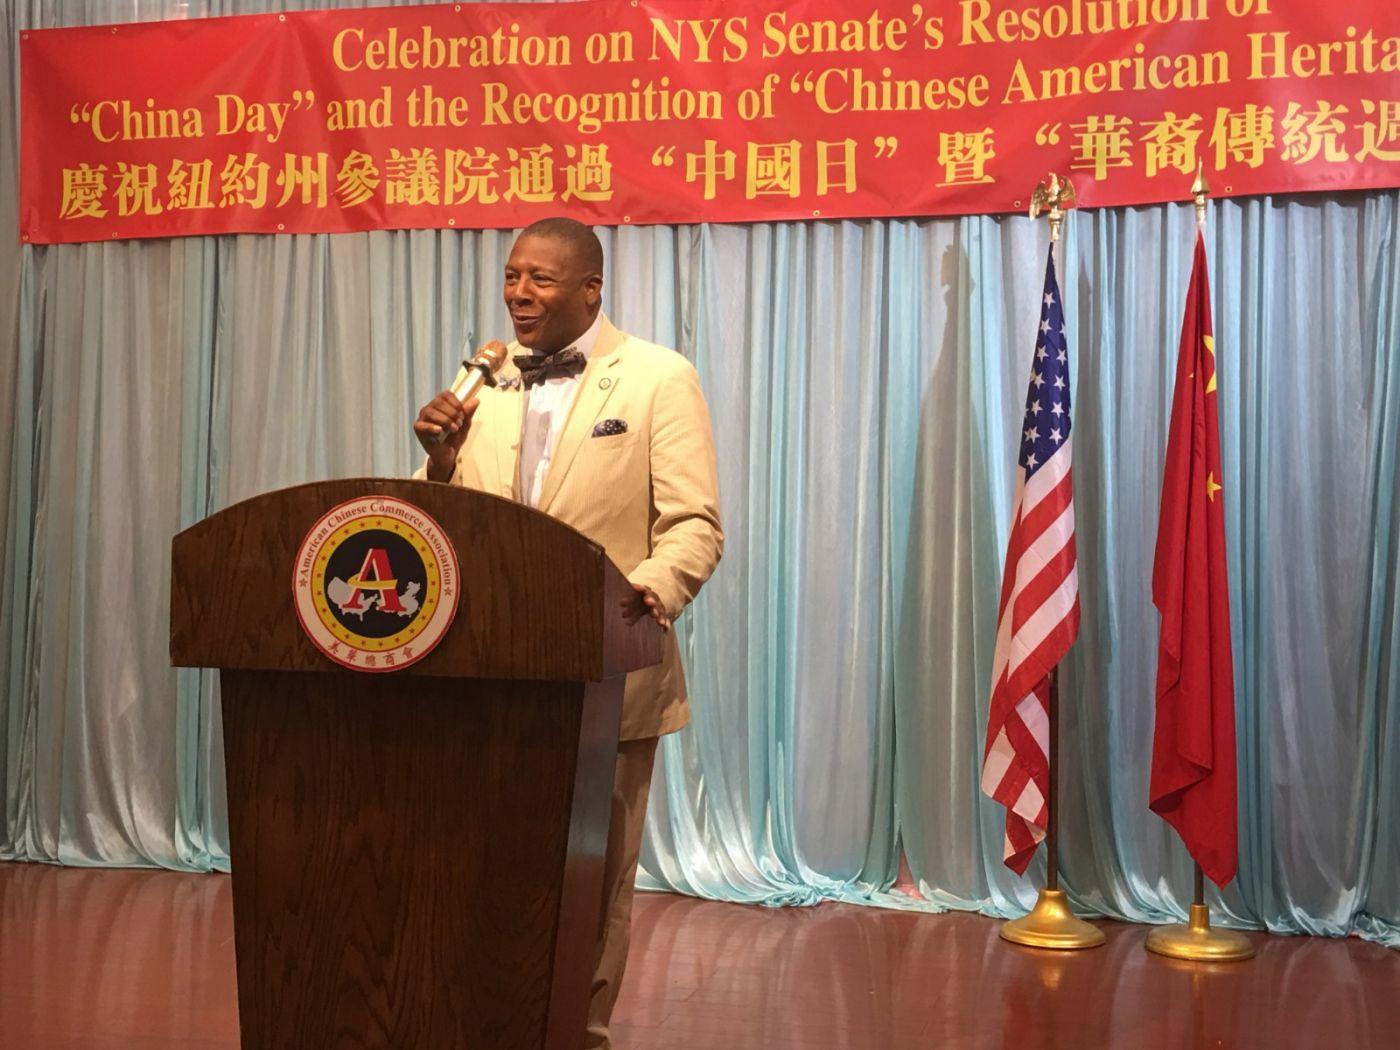 紐約州參議院通過「中國日」決議案慶祝会在紐約舉行_图1-11